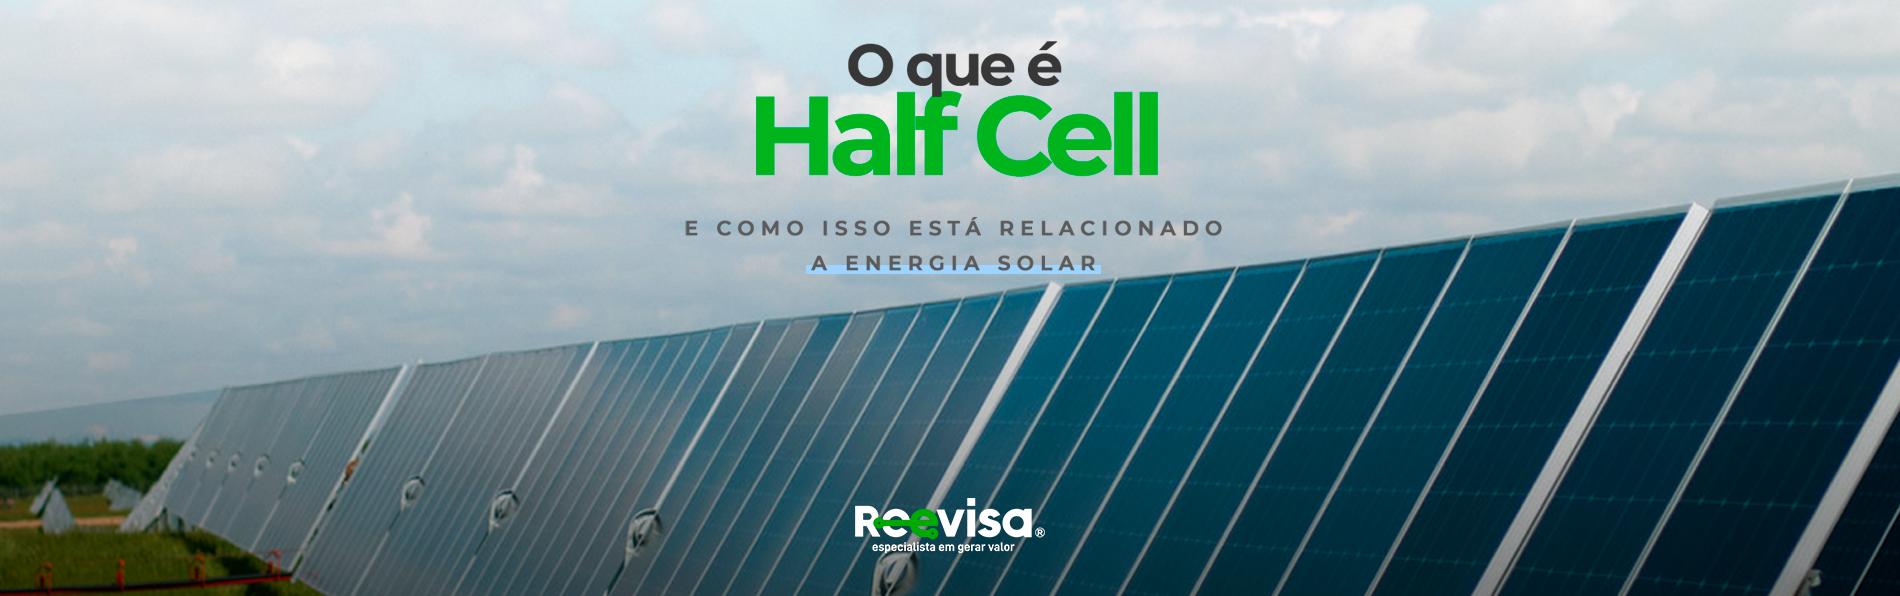 O que é half cell e como isso está relacionado a energia solar